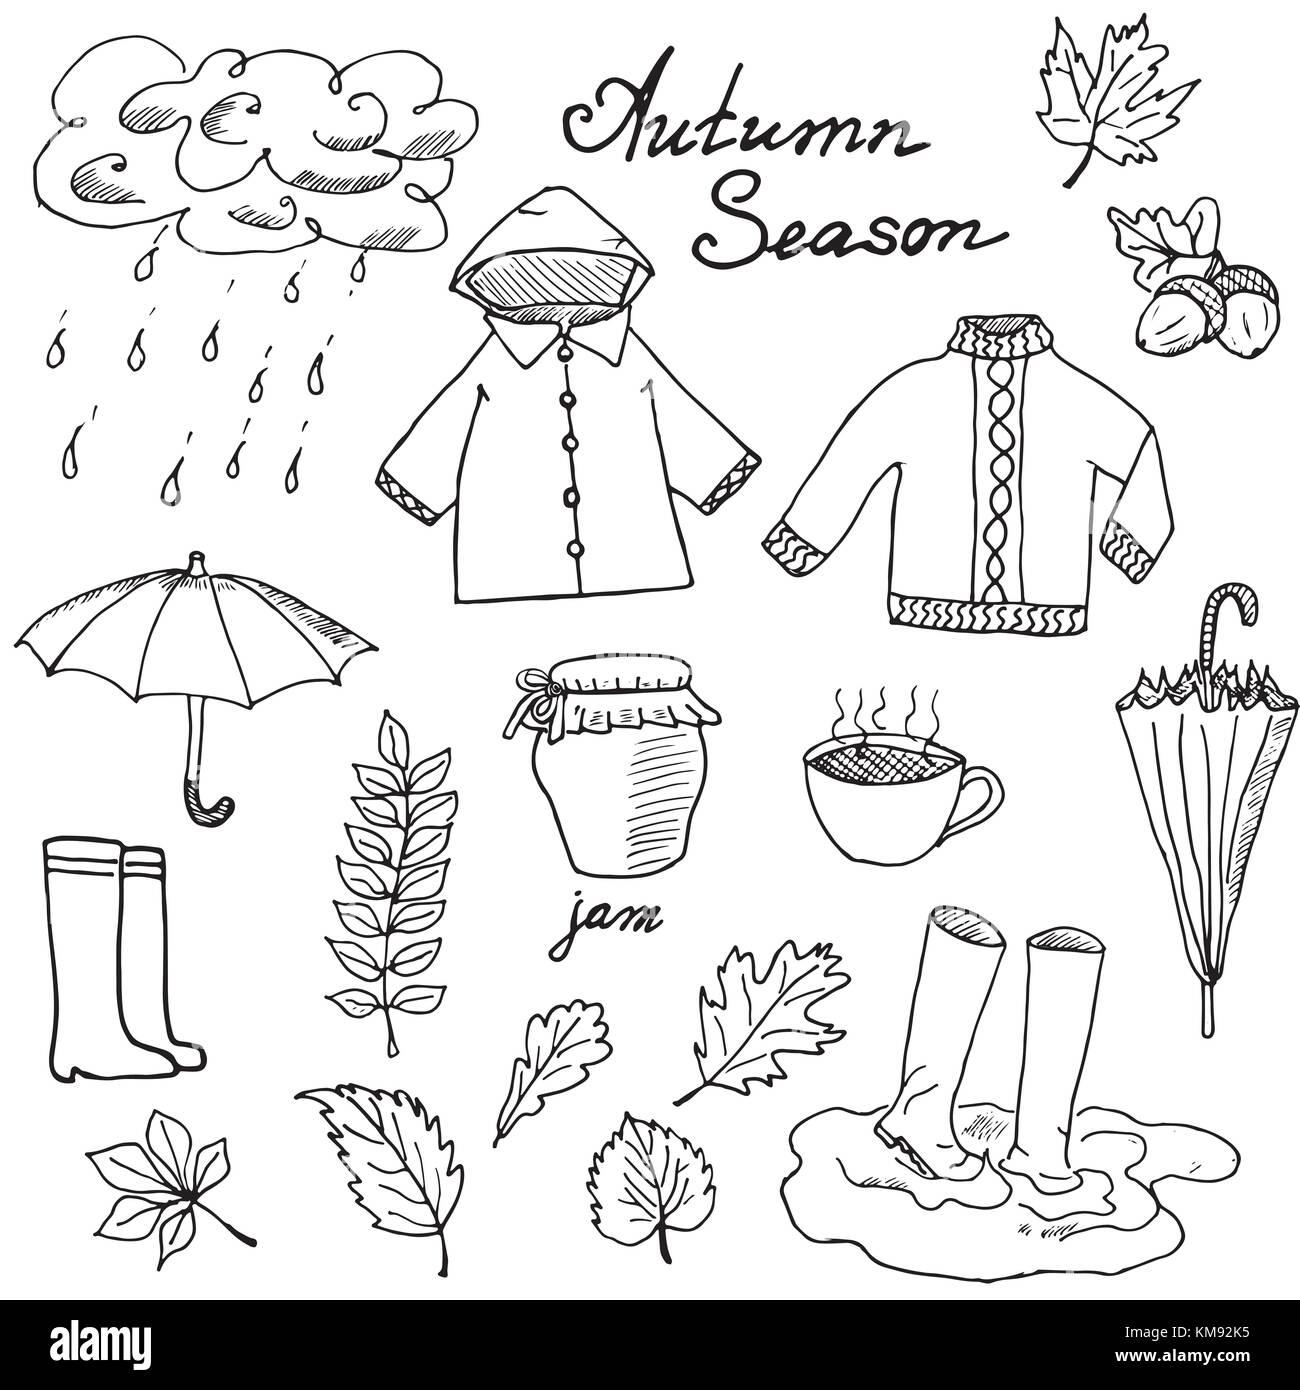 Herbst Jahreszeit Doodles Elemente Hand Gezeichnet Mit